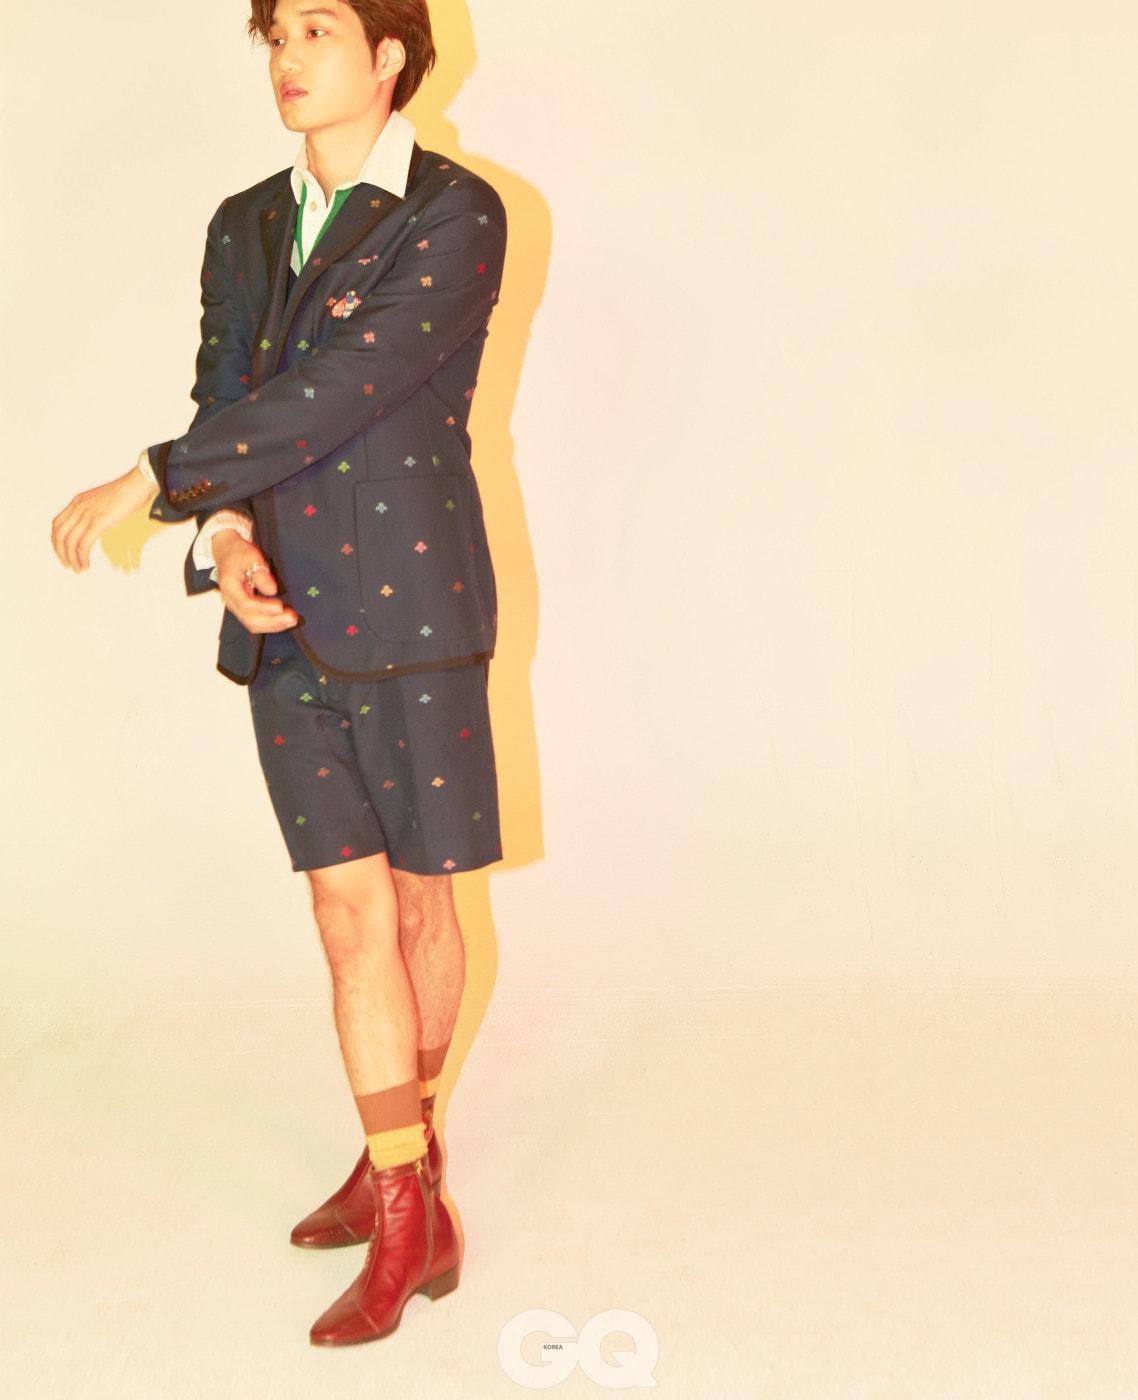 벌 자수 네이비 재킷 3백60만원, 폴로 셔츠 1백3만원, 쇼츠 1백10만원, 타이거 헤드 반지 66만원, 플라타 앵클부츠 2백67만원, 모두 구찌.